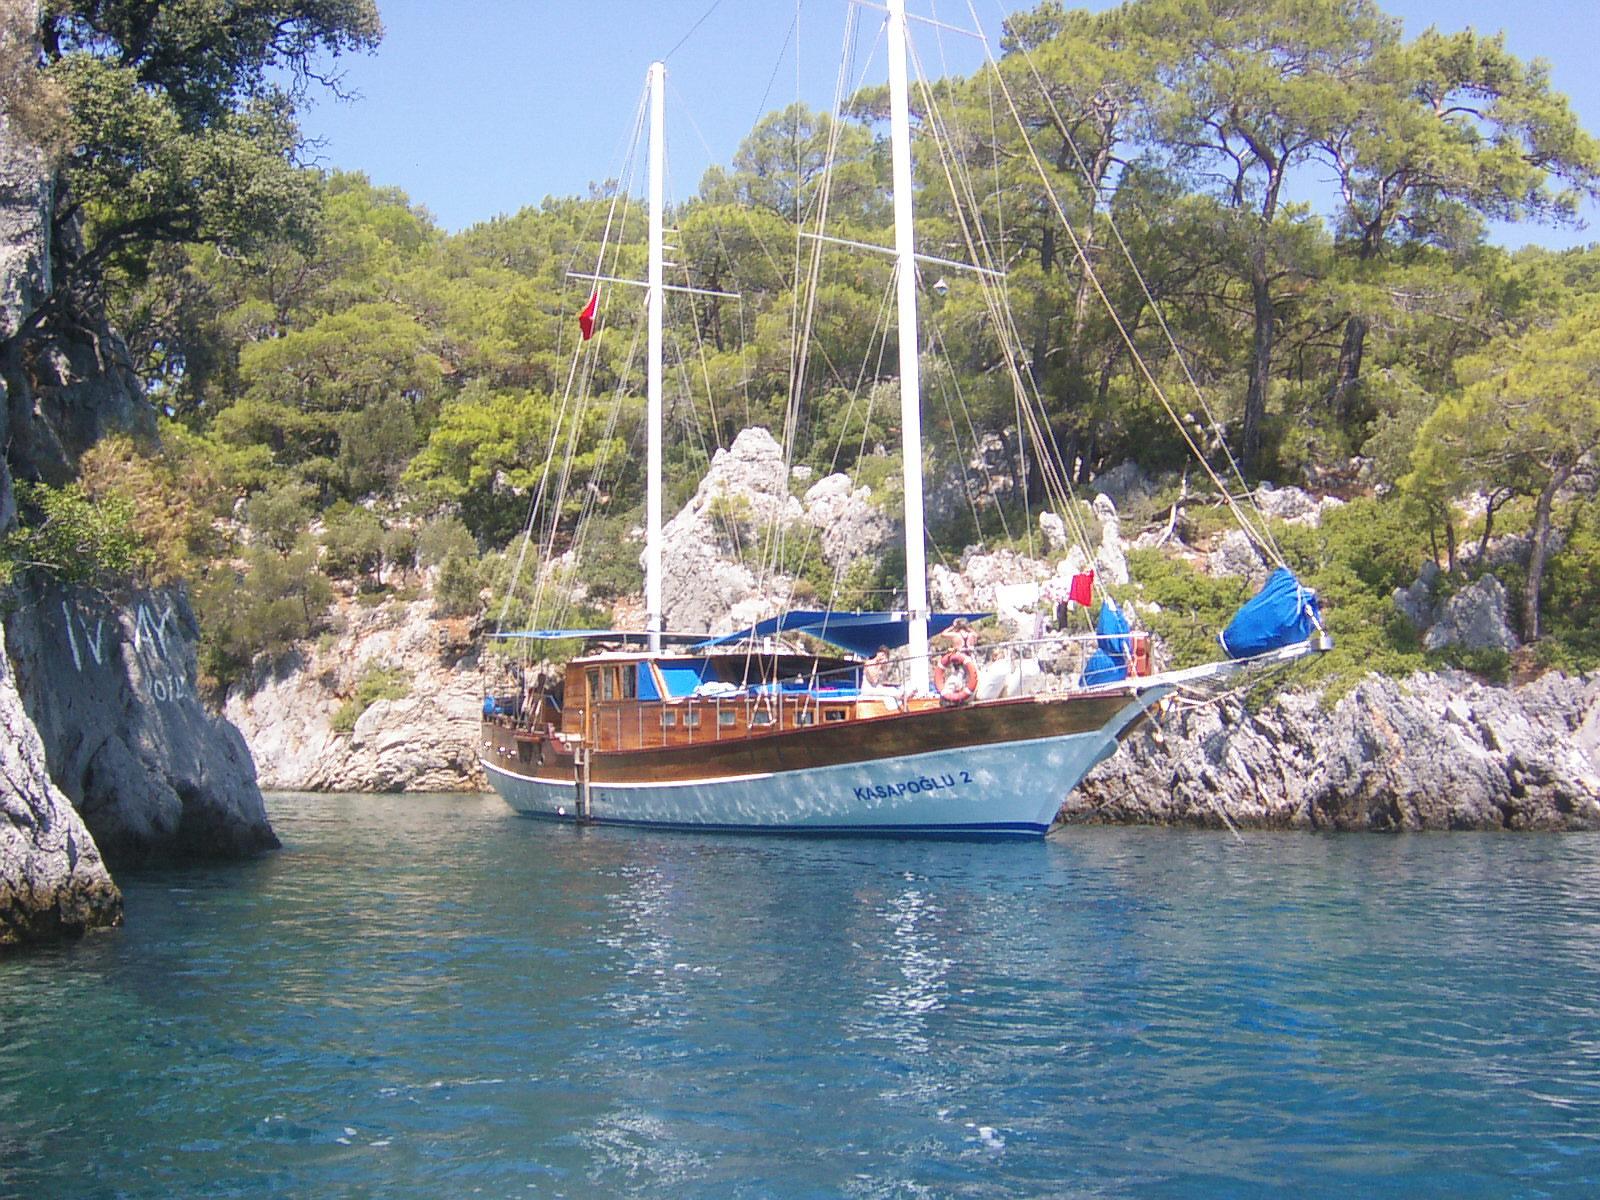 Krstarenje Mediteranom Antalija letovanje cene aranžmana